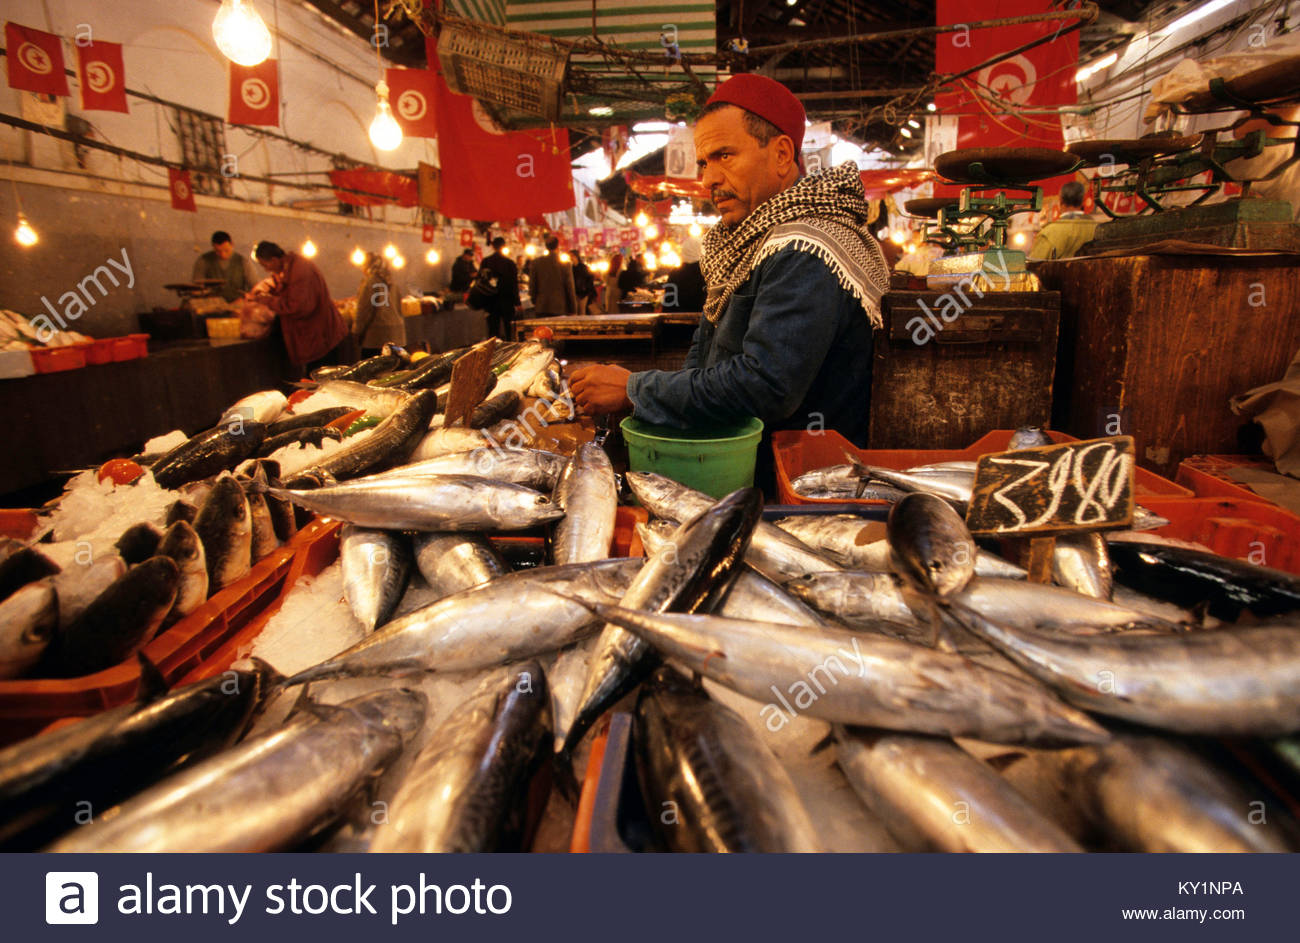 Marche aux poissons stock photos marche aux poissons for Vente poisson rouge tunisie